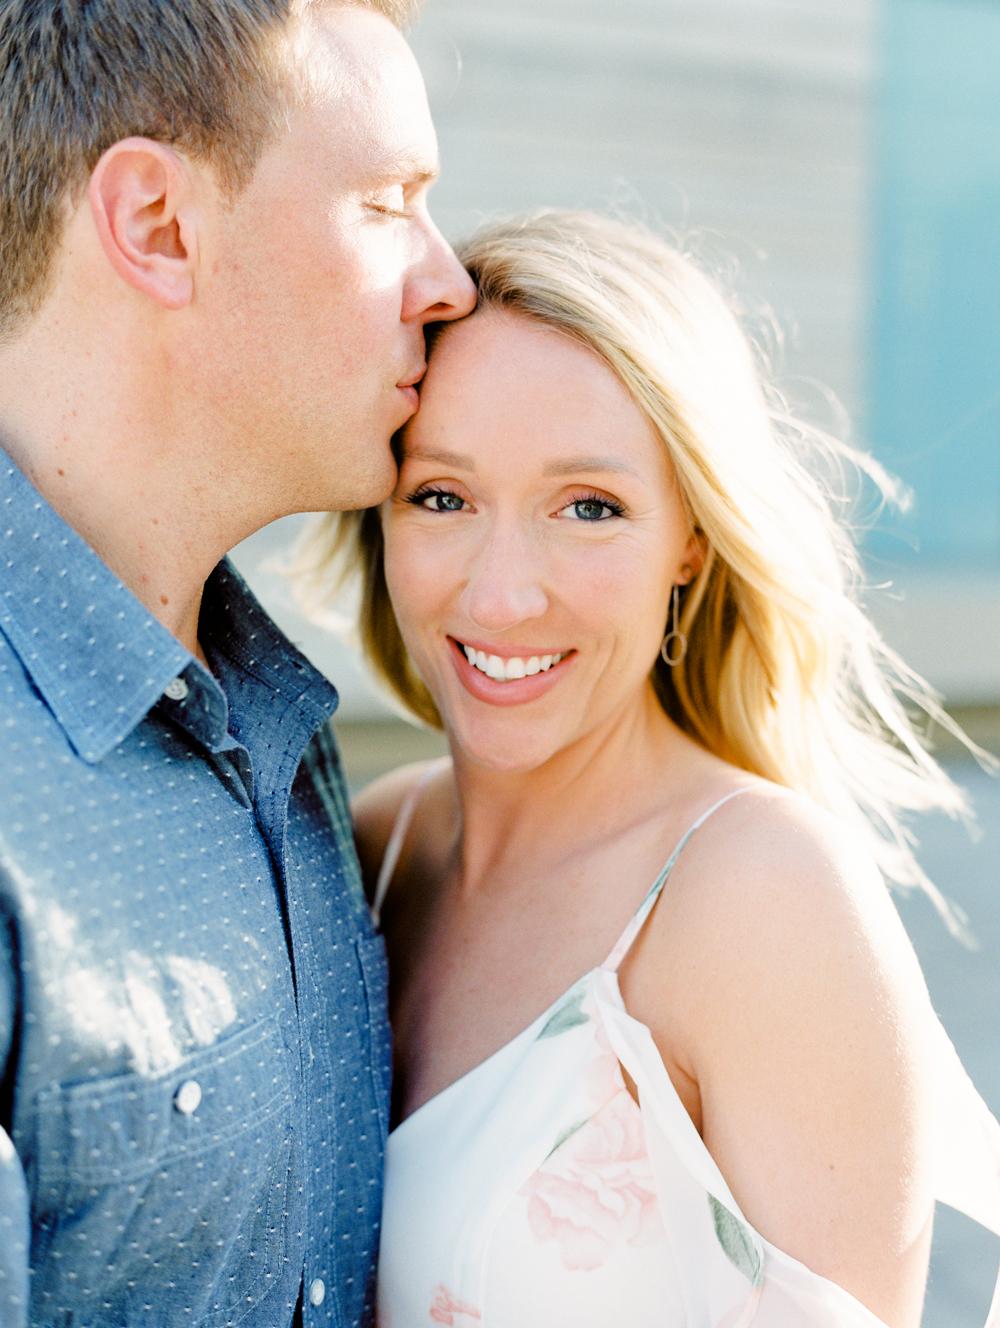 Best-Austin-Denver-California-Wedding-Photographers-fine-art-film-Engagement-Session-59.jpg